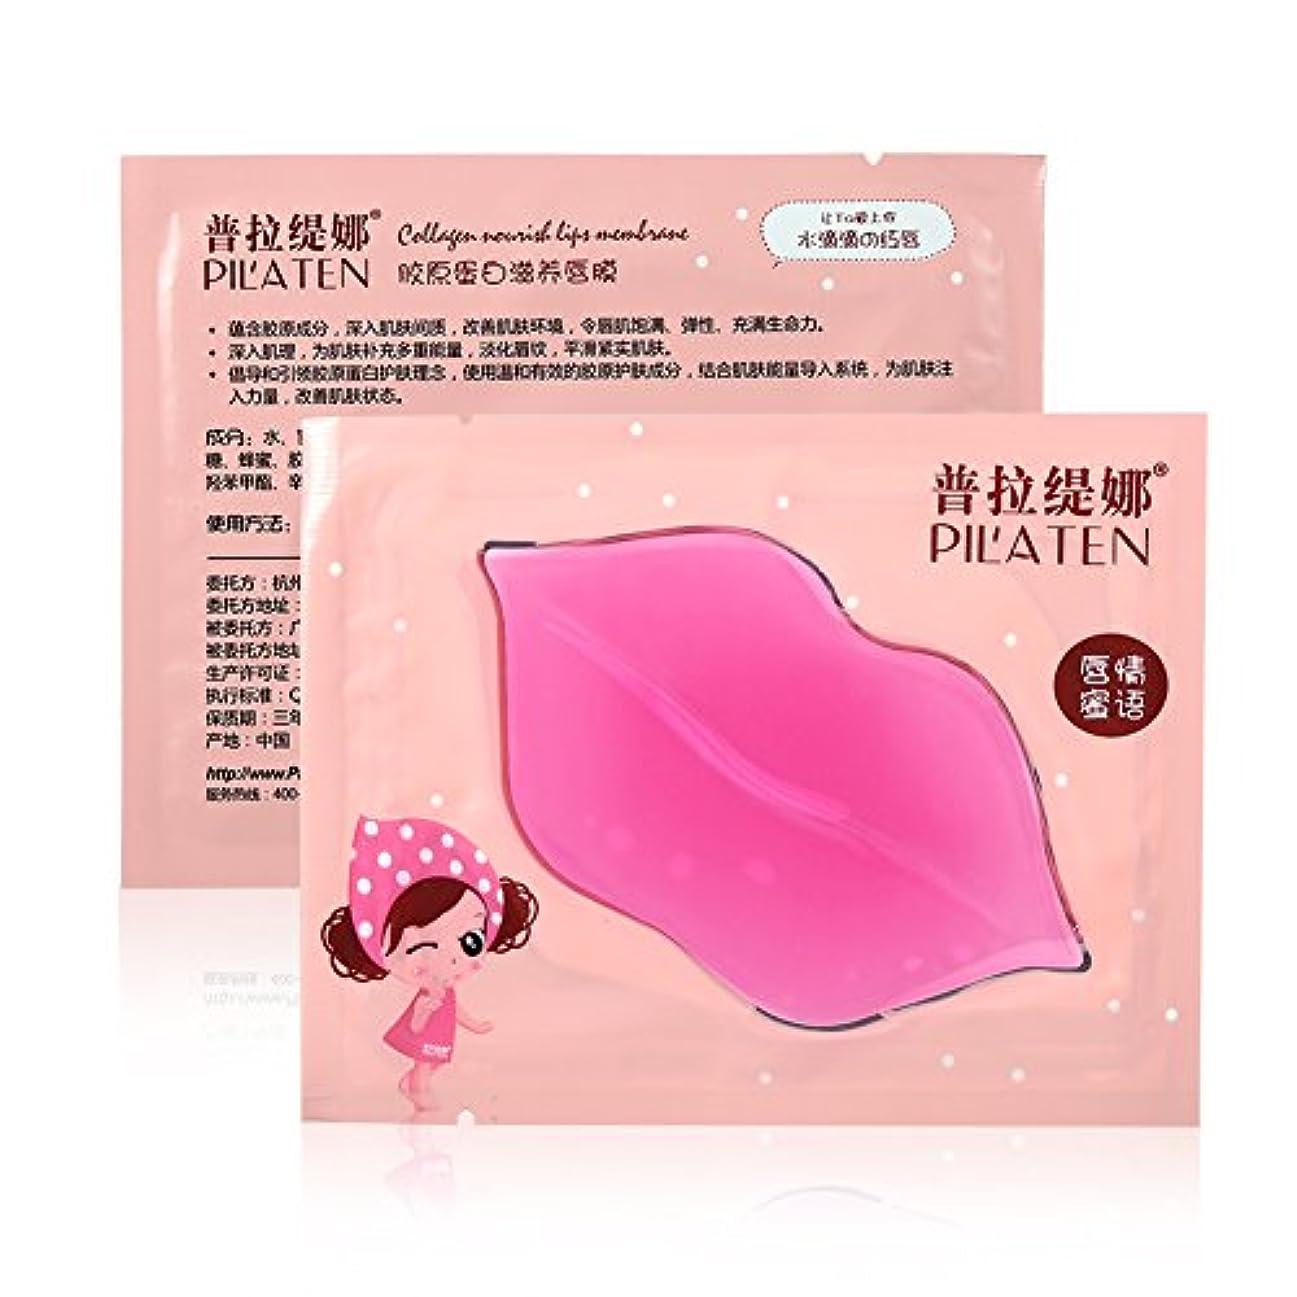 クマノミ掃除ありがたい8pcsピラテンピンククリスタルコラーゲン美容液エクスフォリエイティングモイスチャーモイスチャライジングリップマスク